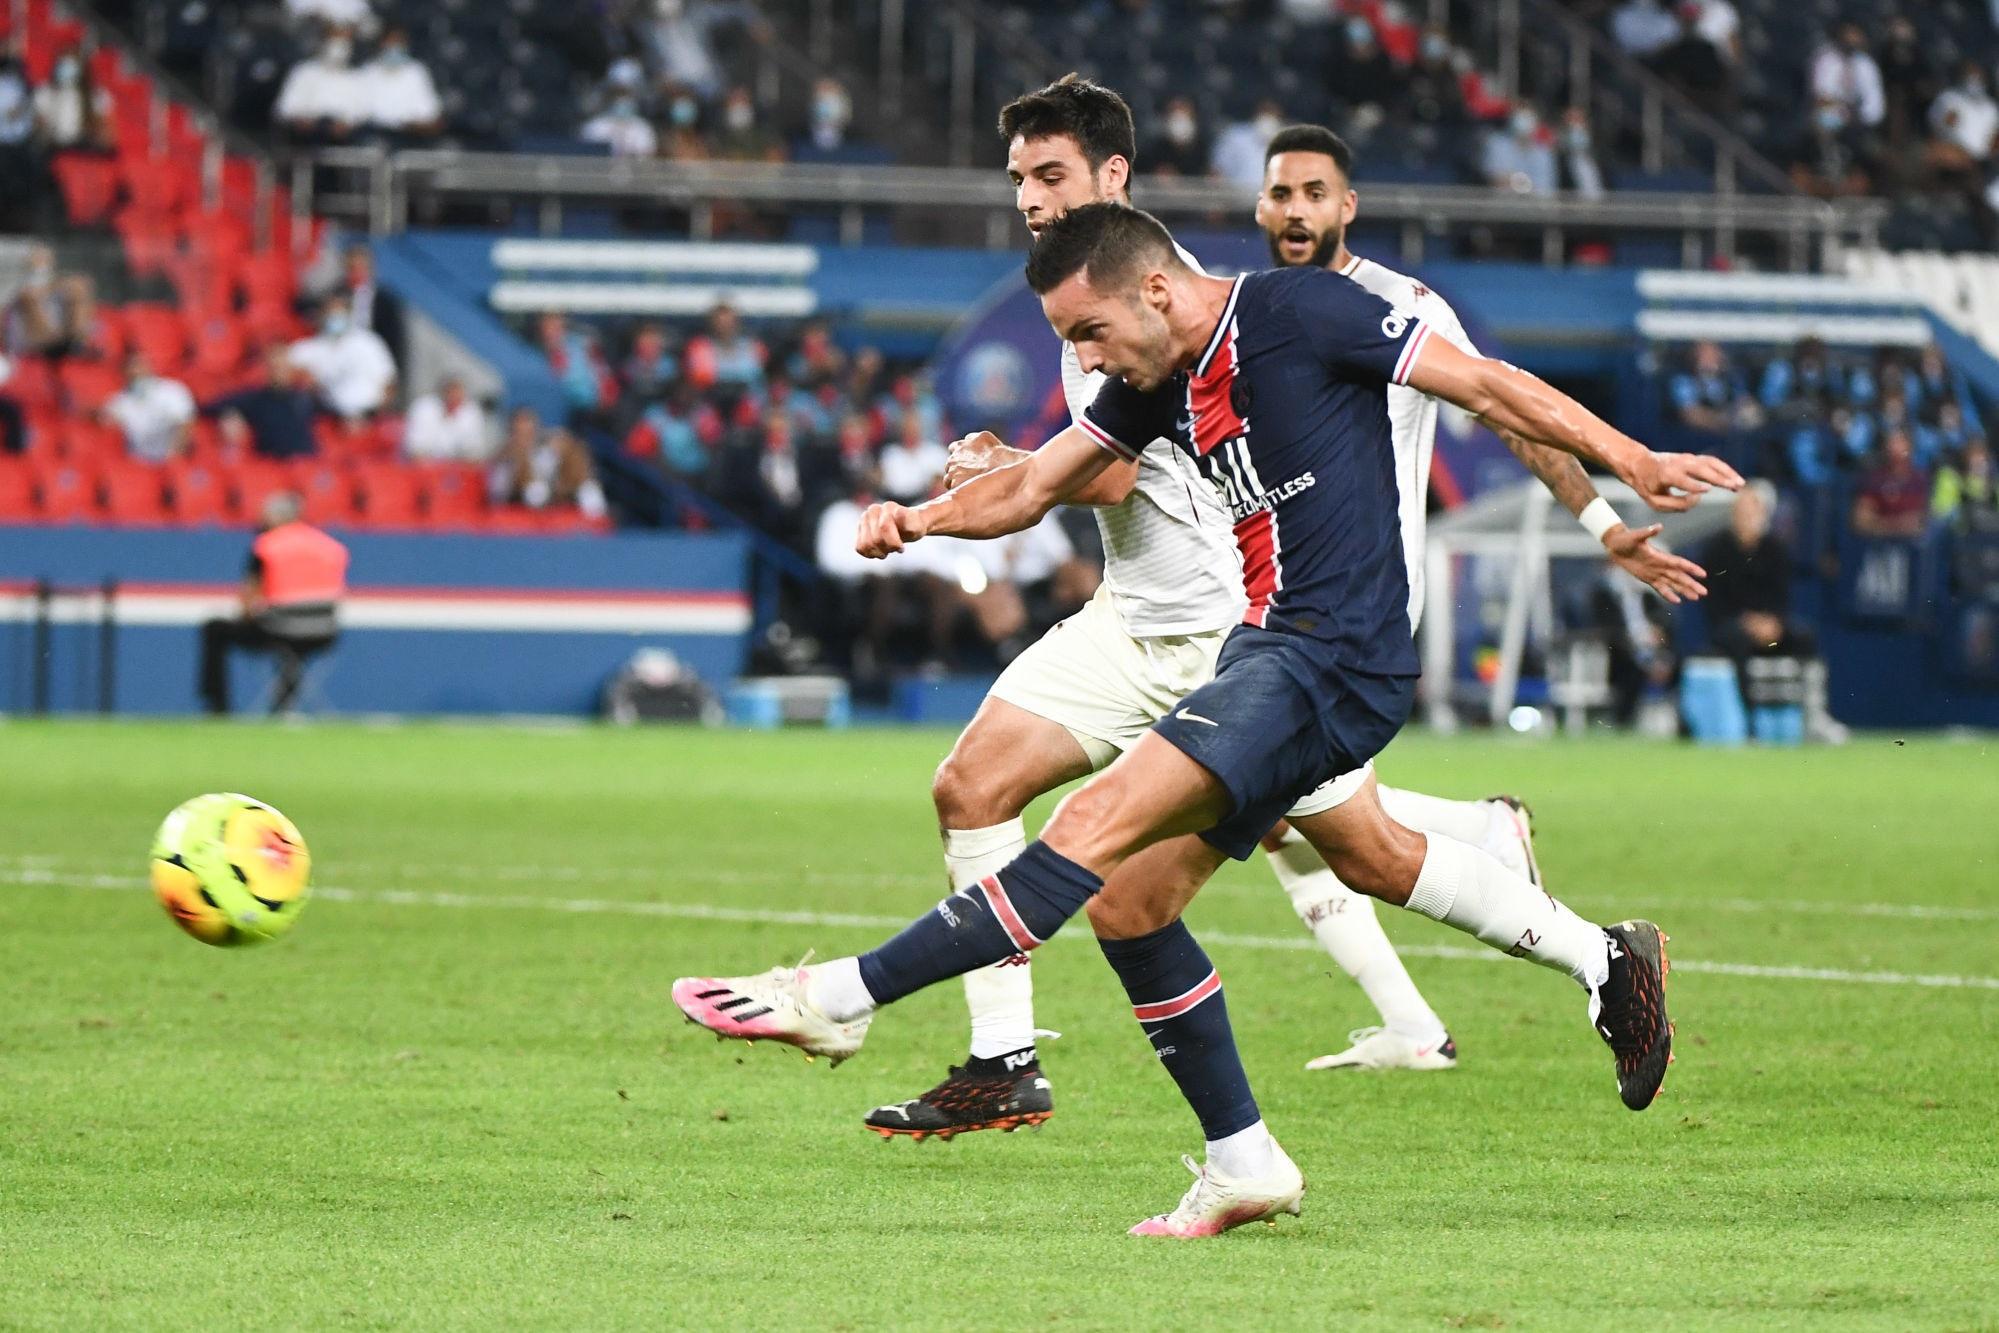 PSG/Metz (1-0) - Le résumé avec le but et les temps forts